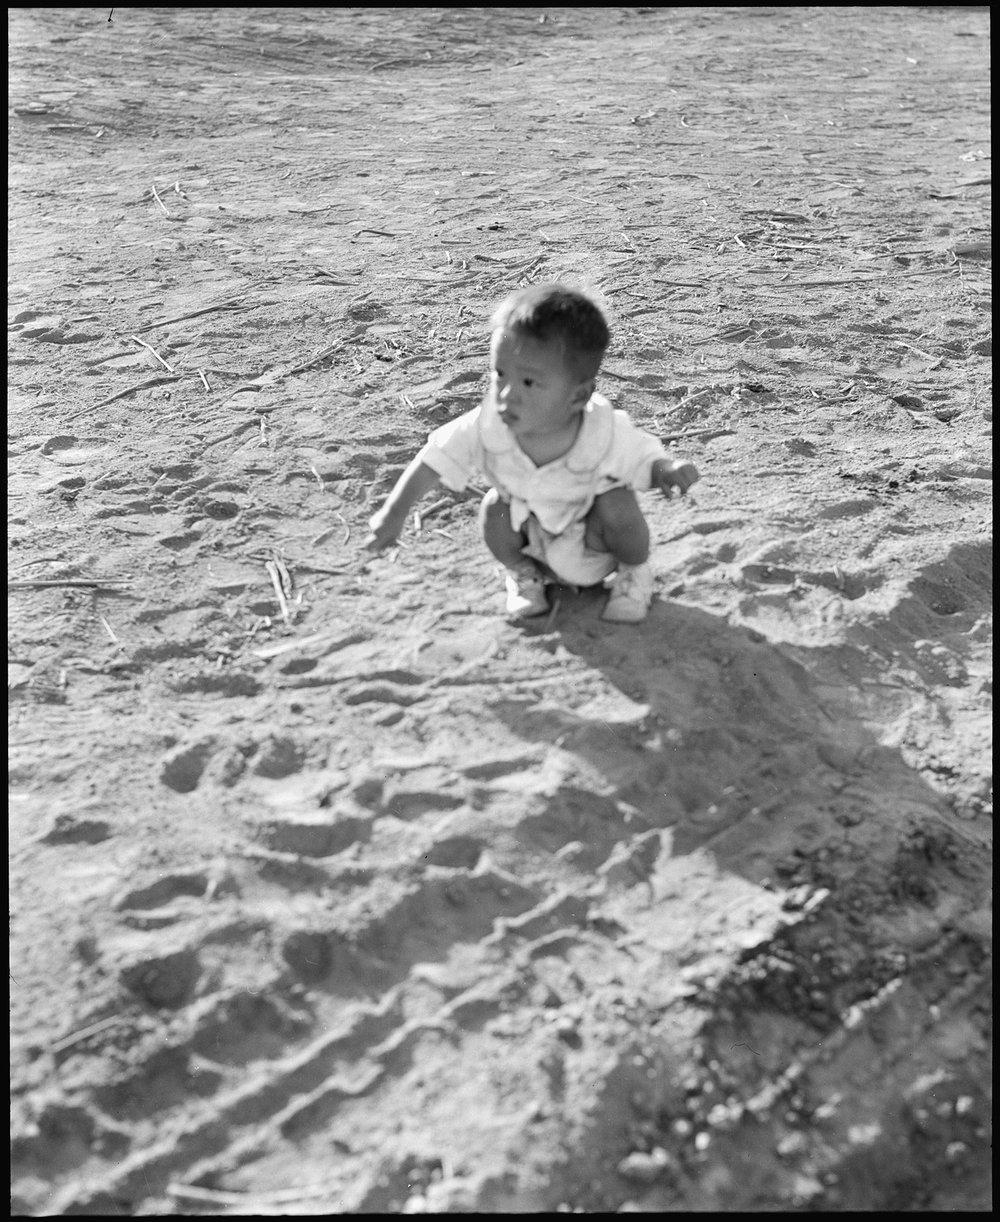 Hearst-Japa-child-sand-536105-NARA.jpg